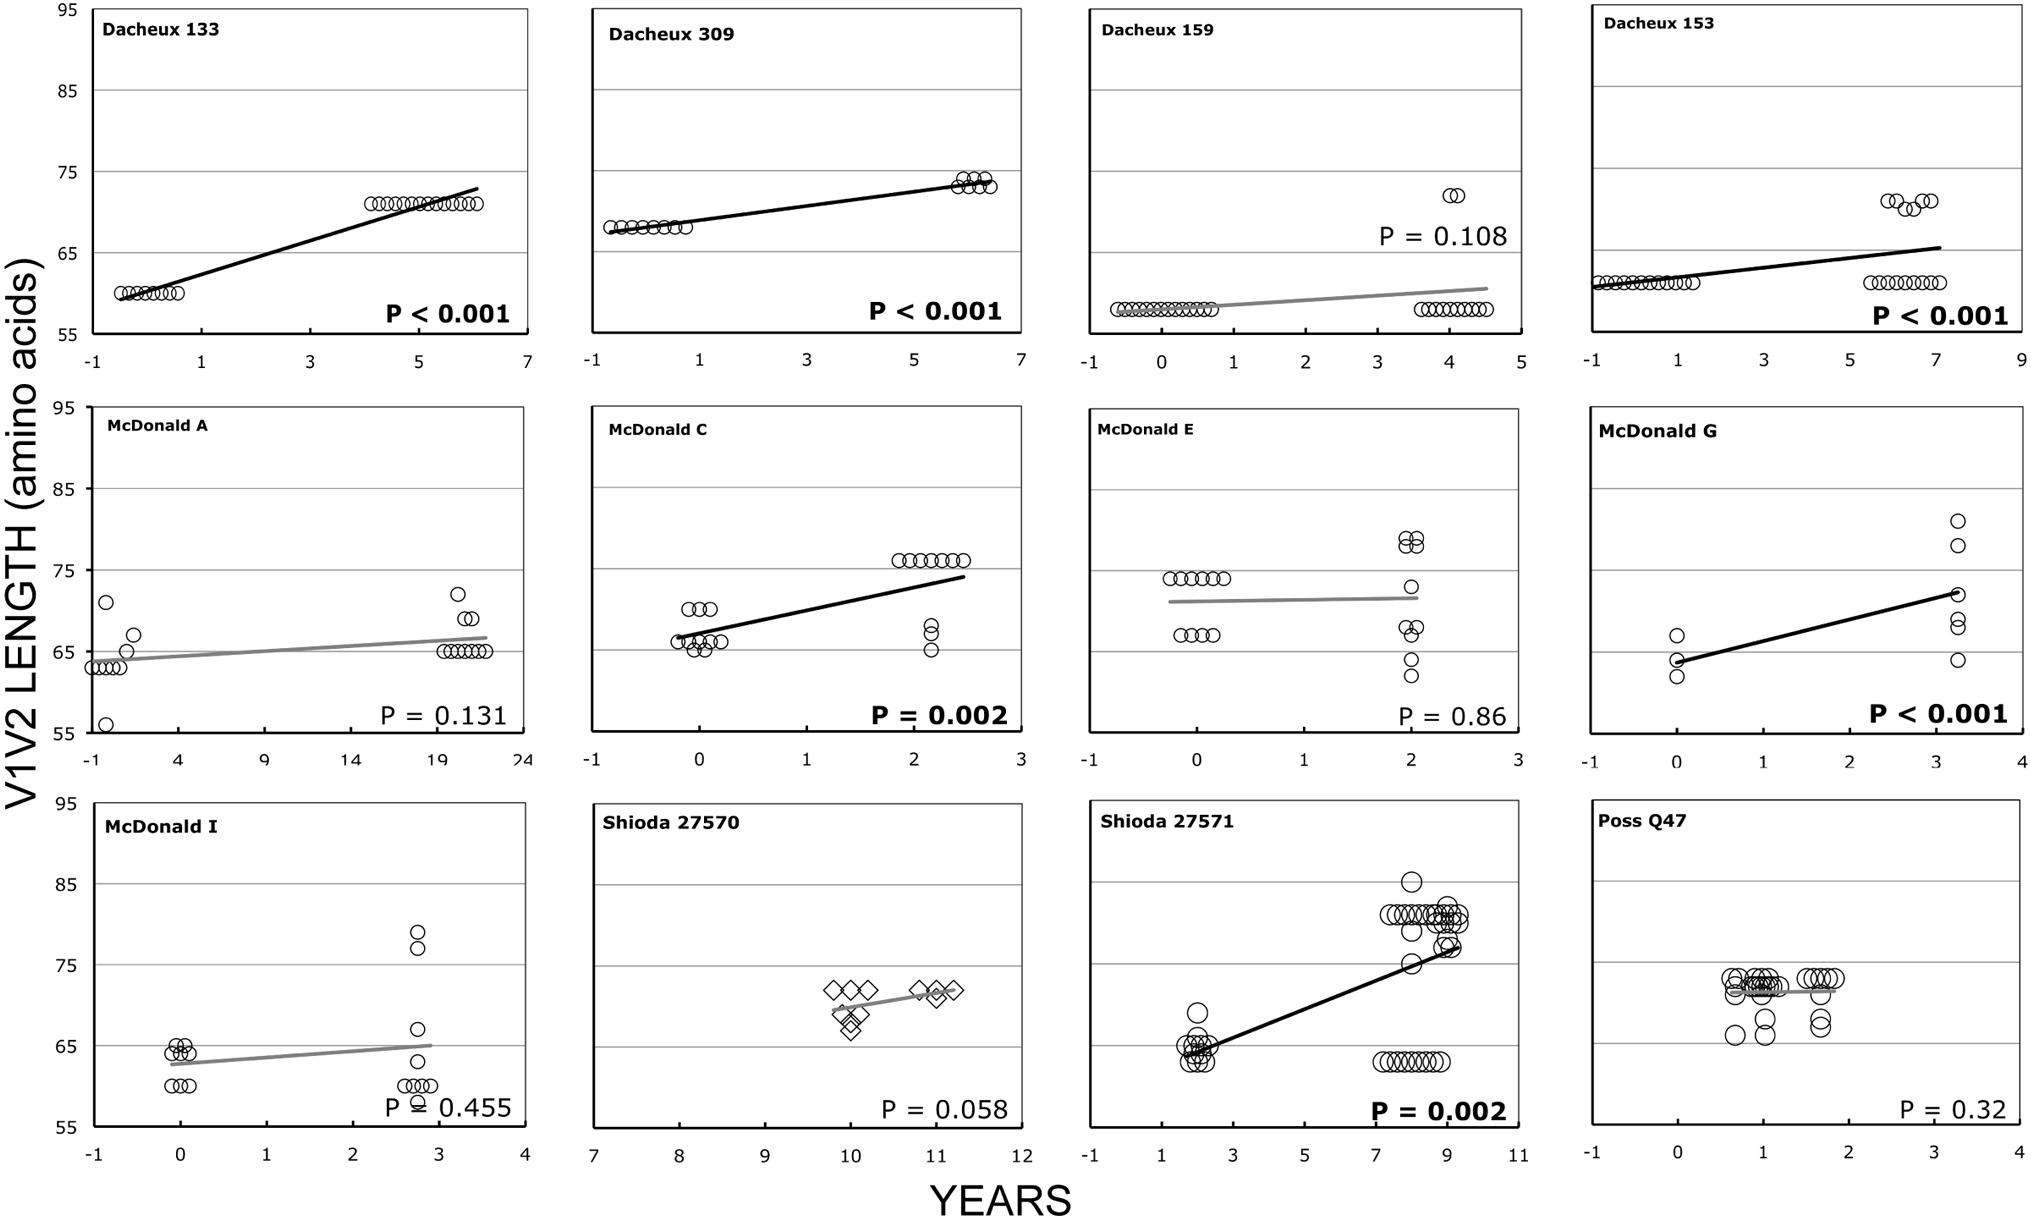 V1V2 loop lengths over time in group L1.